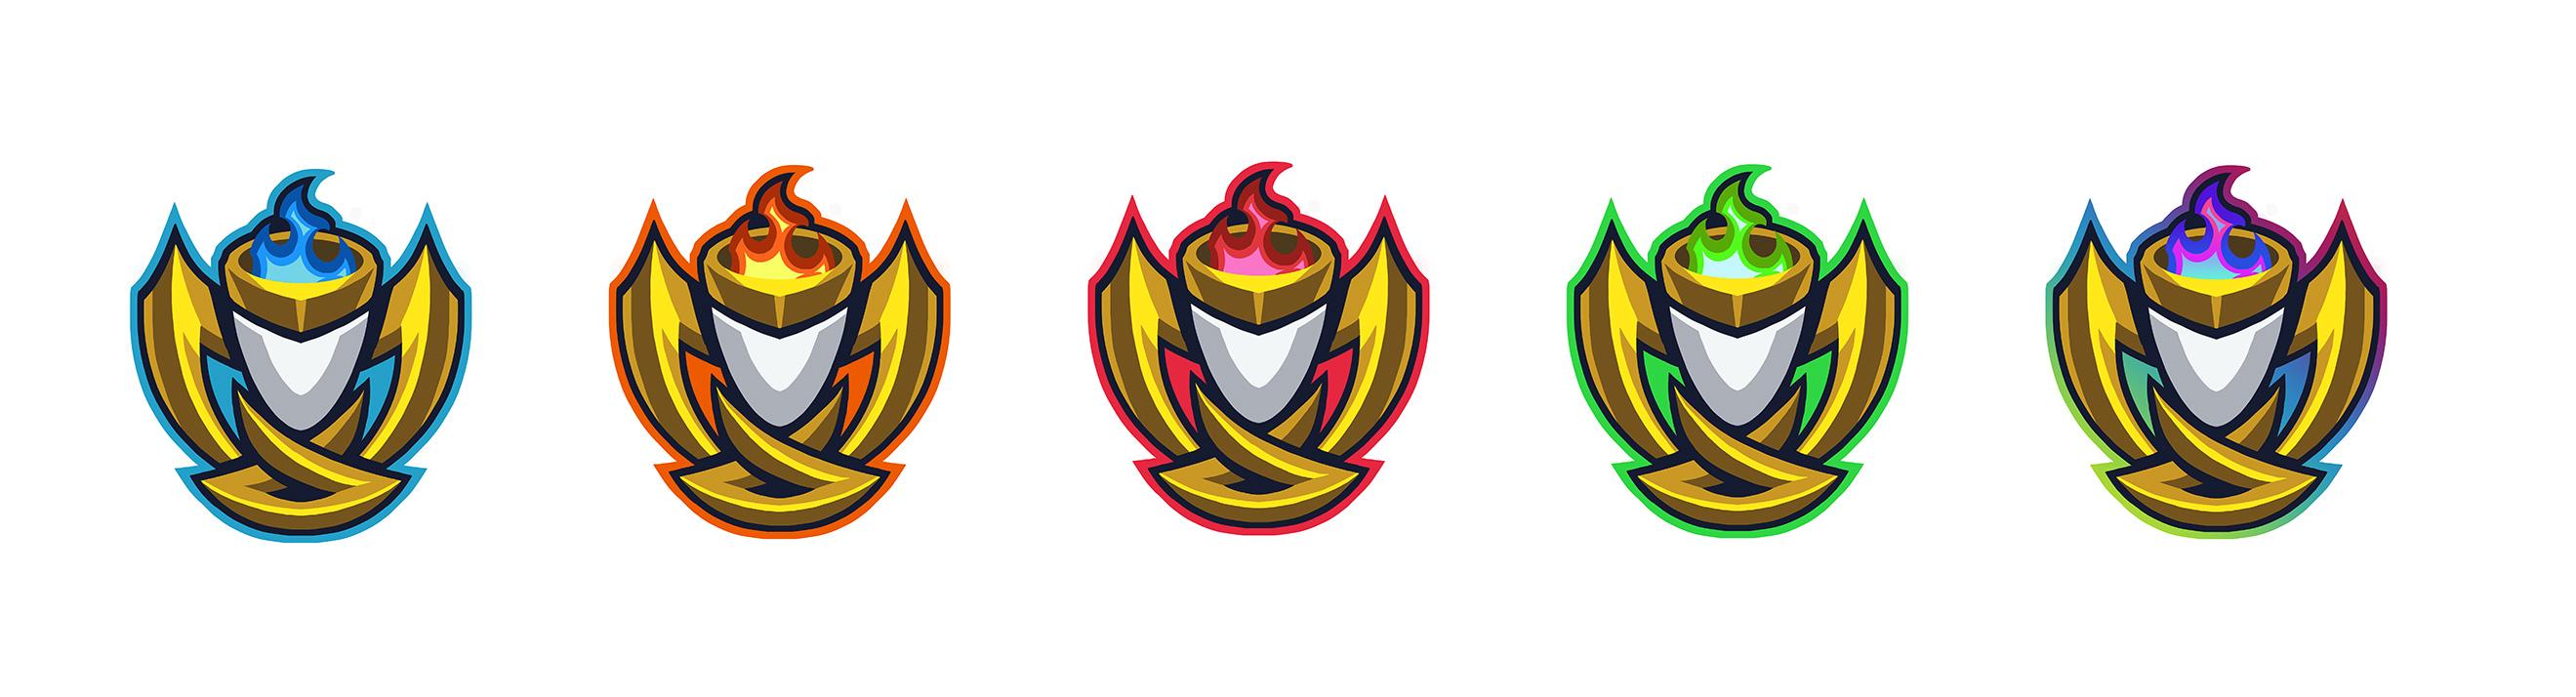 Tier1_Logos.jpg